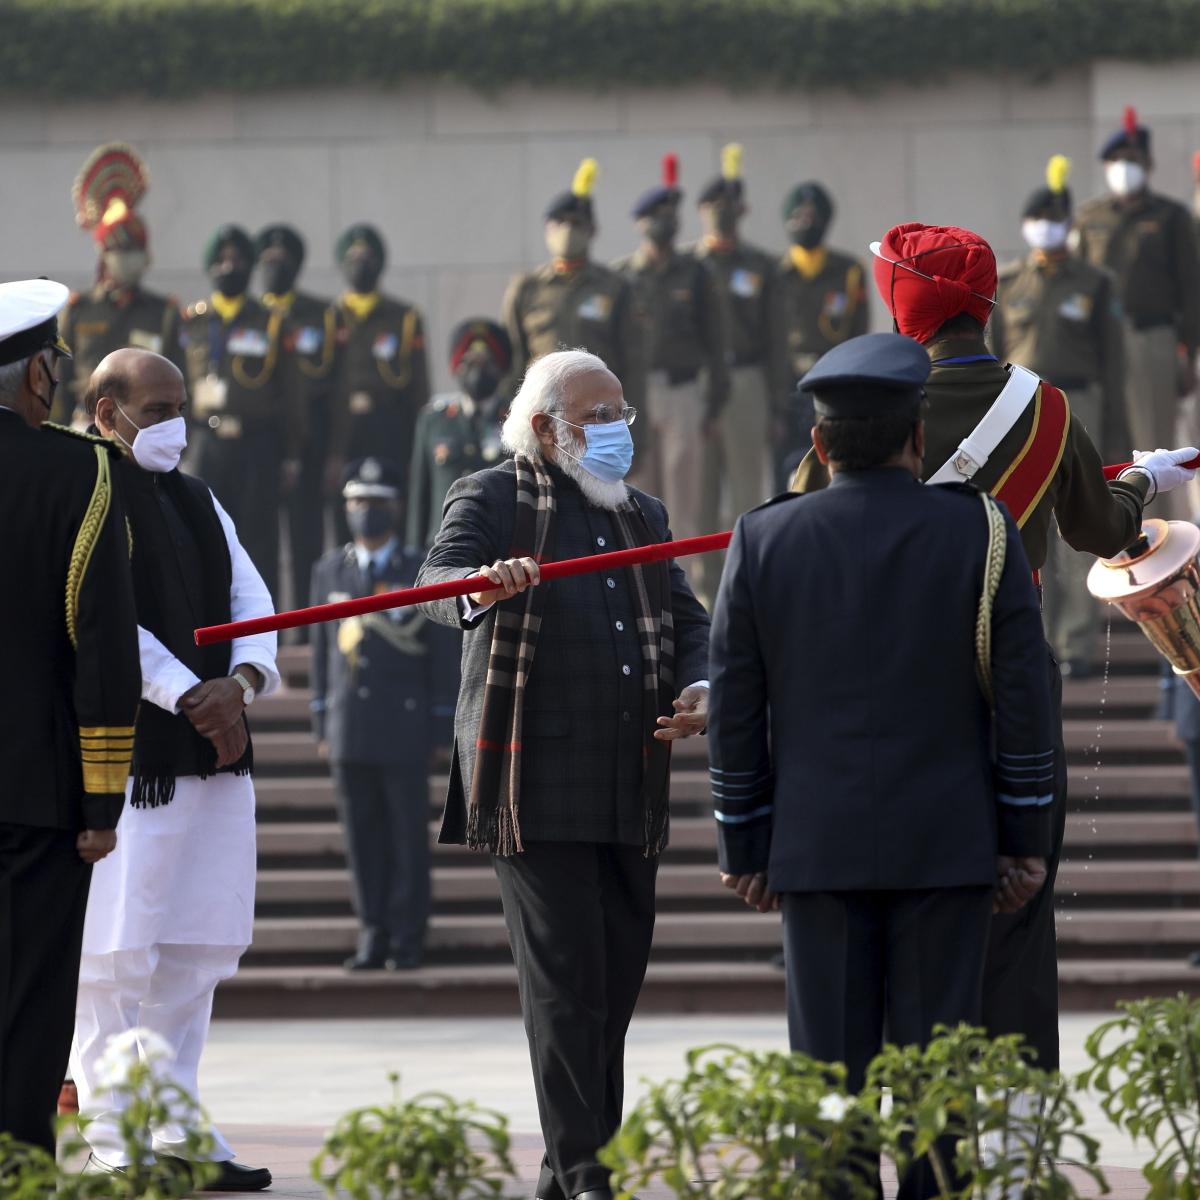 In pics: PM Modi lights up 'Swarnim Vijay Mashaal' on 50th anniversary of 1971 India-Pak war